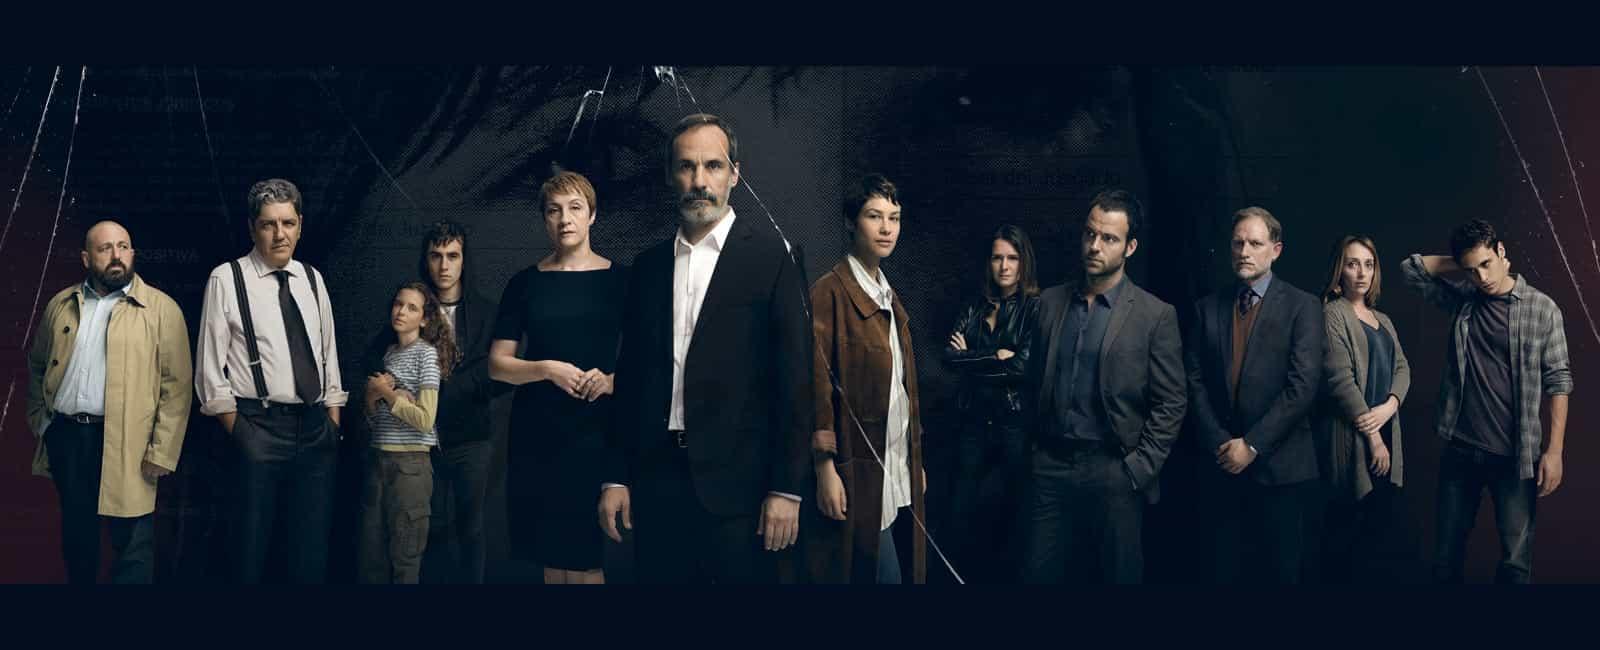 «Sé quien eres», la nueva apuesta de Telecinco: diabólica, adictiva y llena de incógnitas